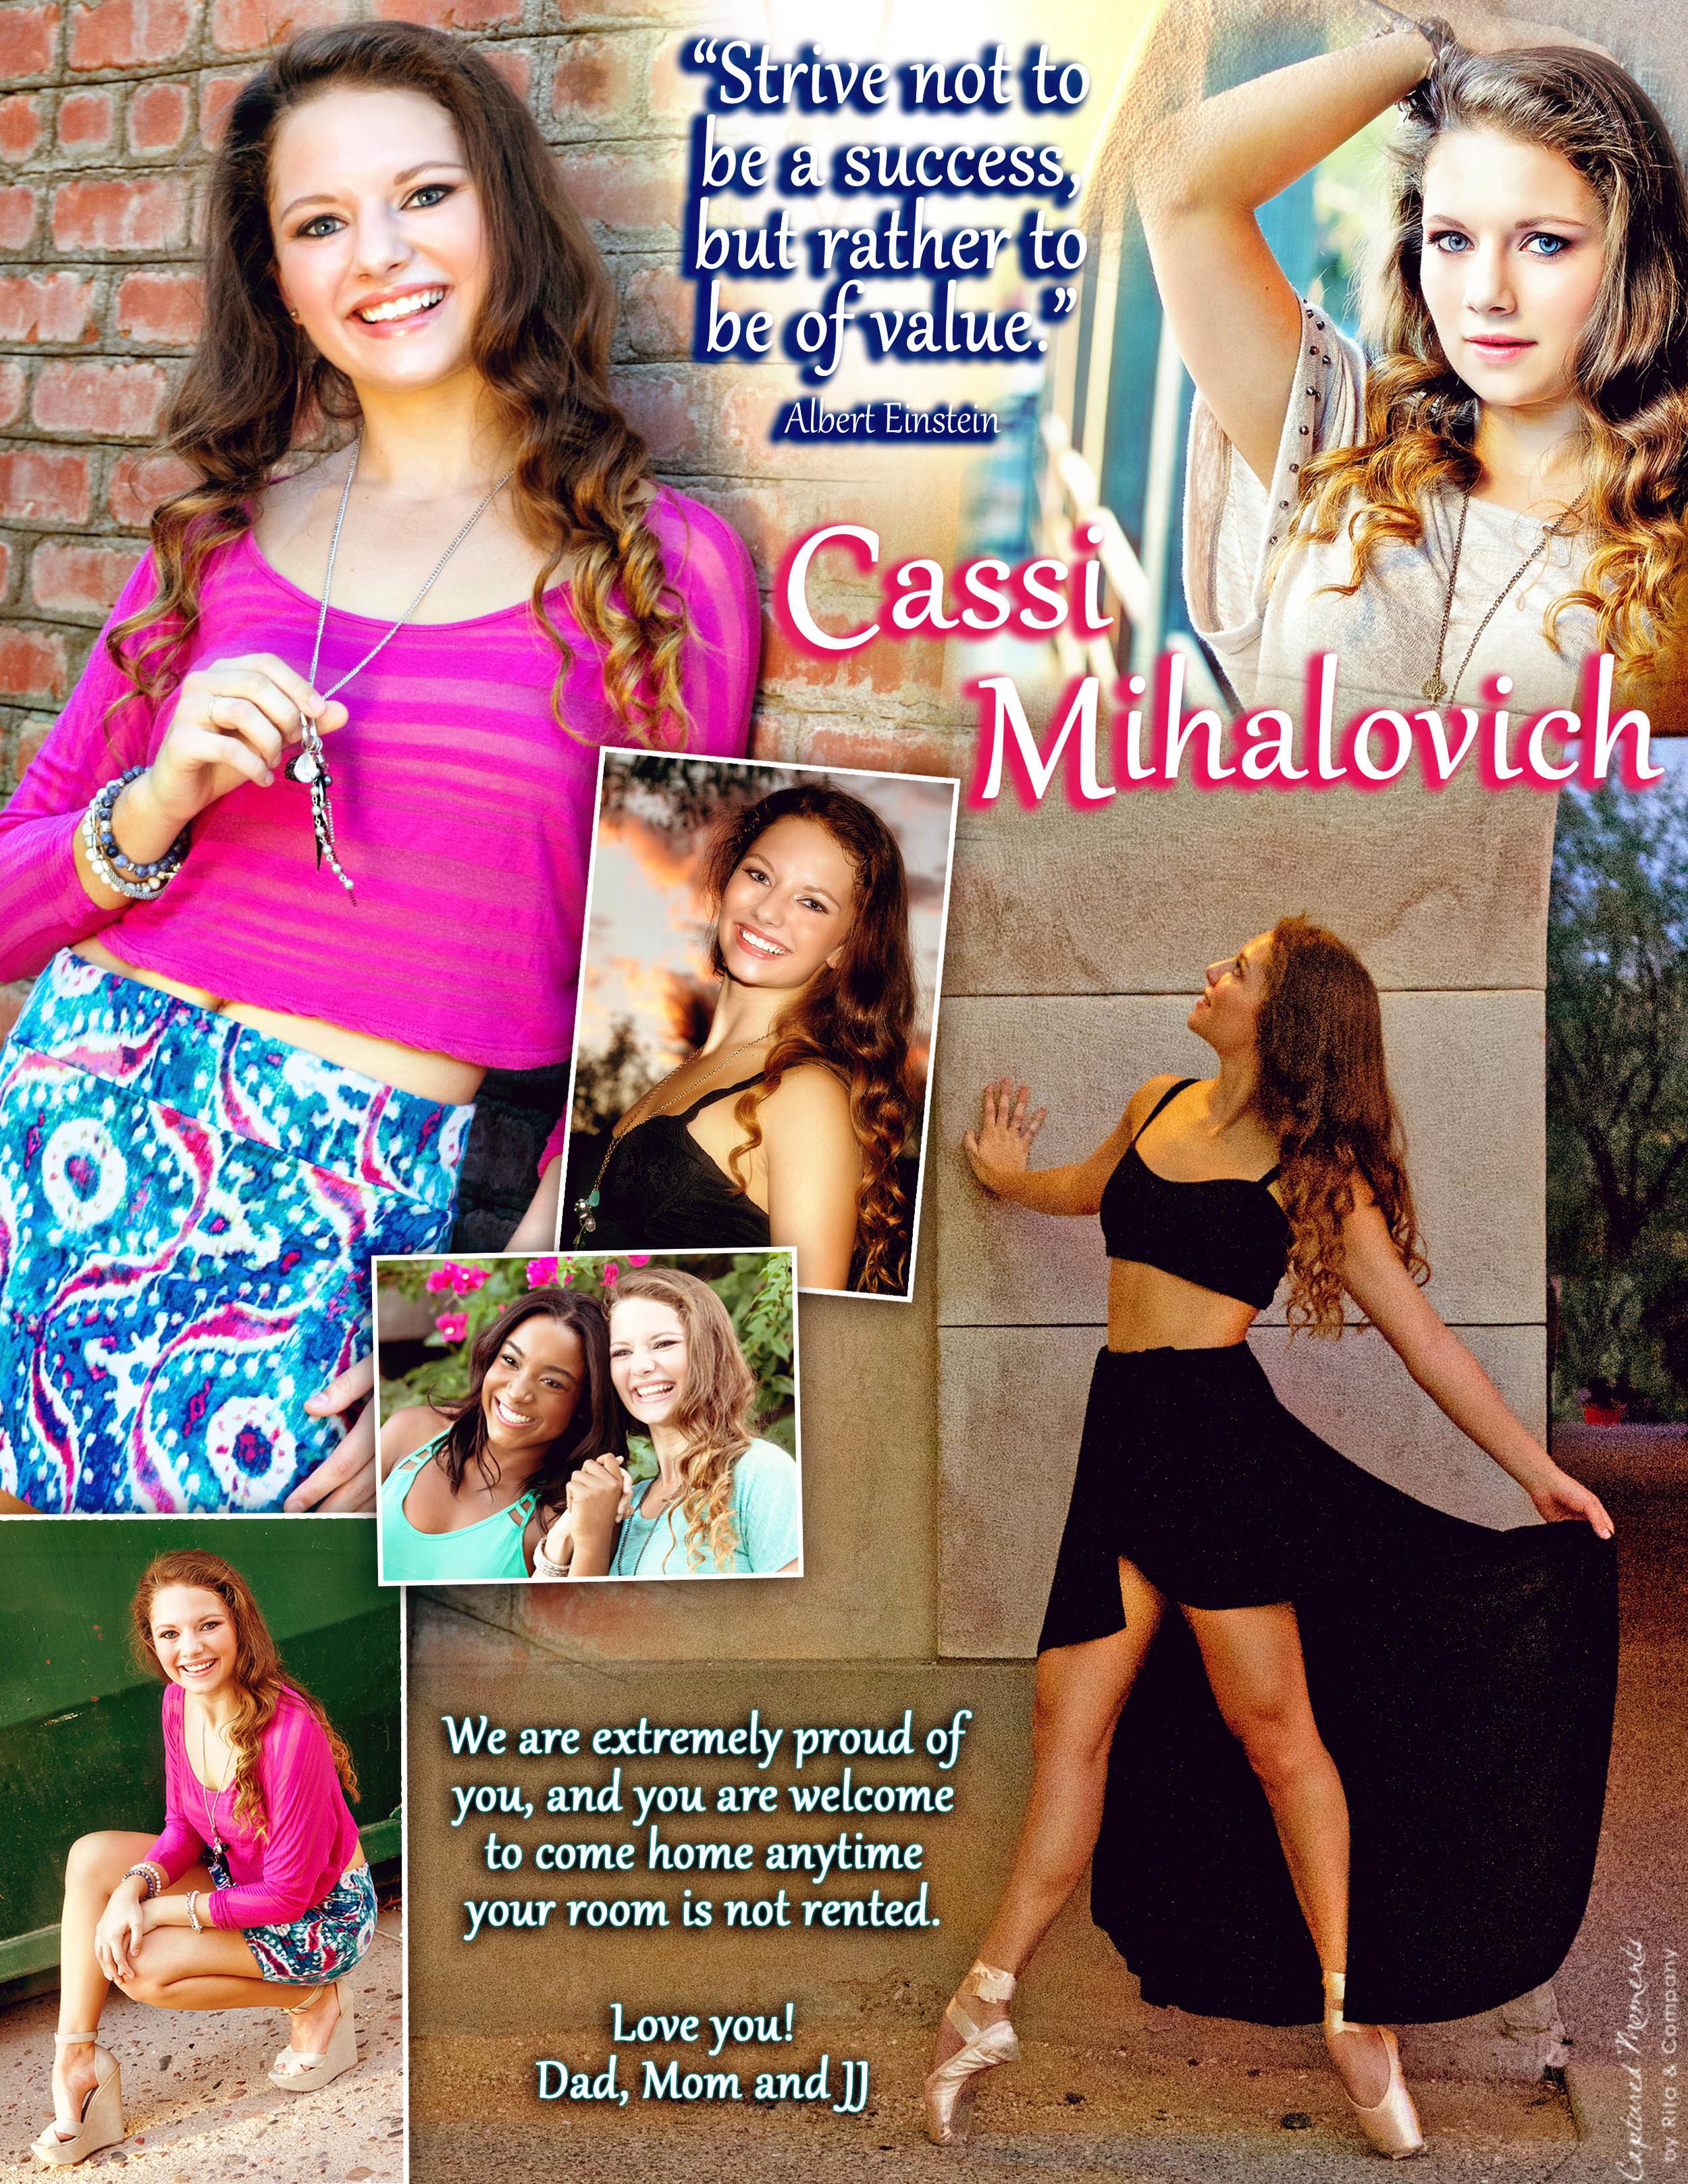 Cassi MIholovich